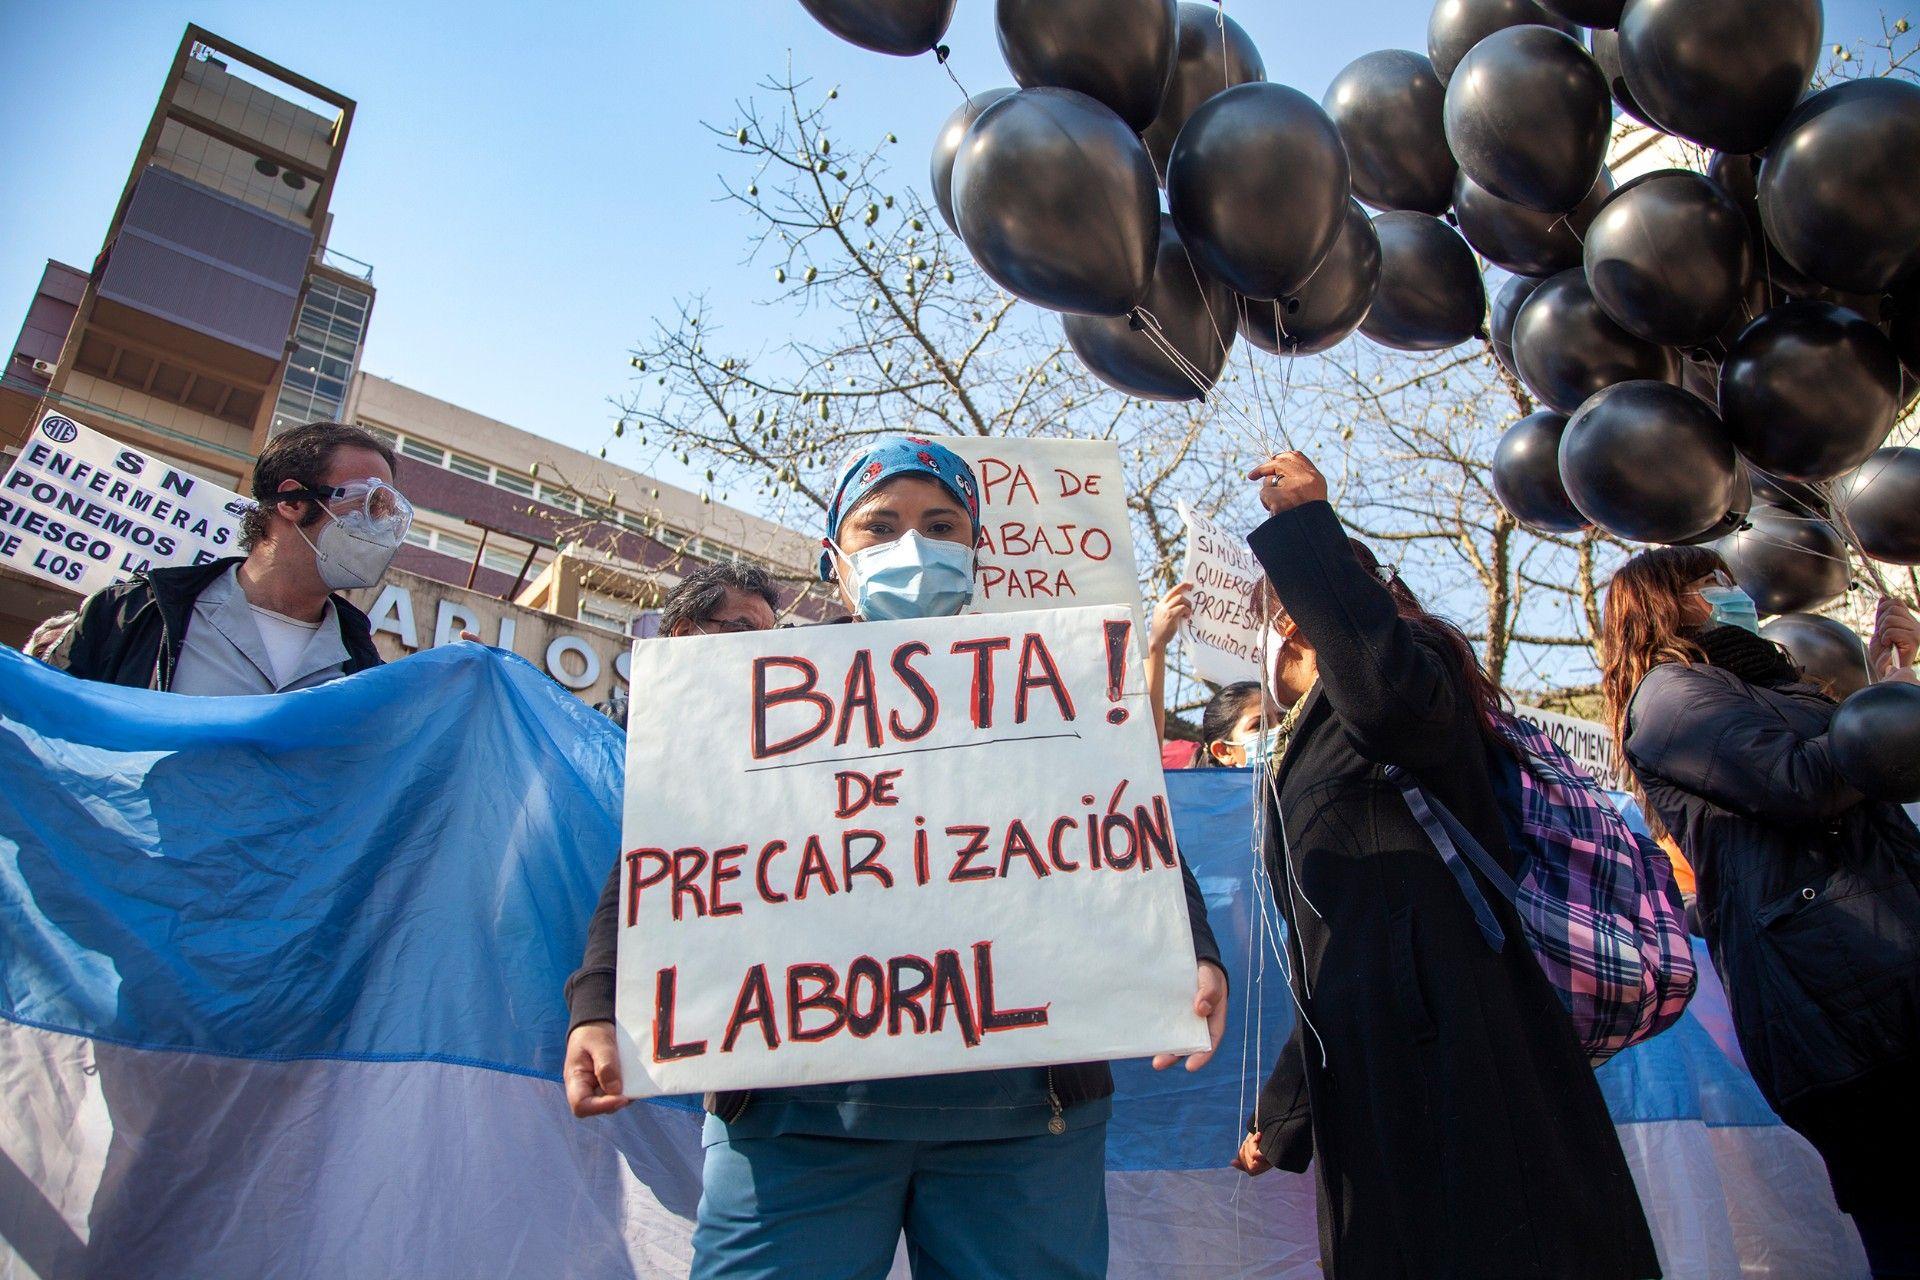 Al combate contra el coronavirus, el personal de salud le suma el combate contra la precarización y los sueldos bajos / Foto: Eleonora Ghioldi